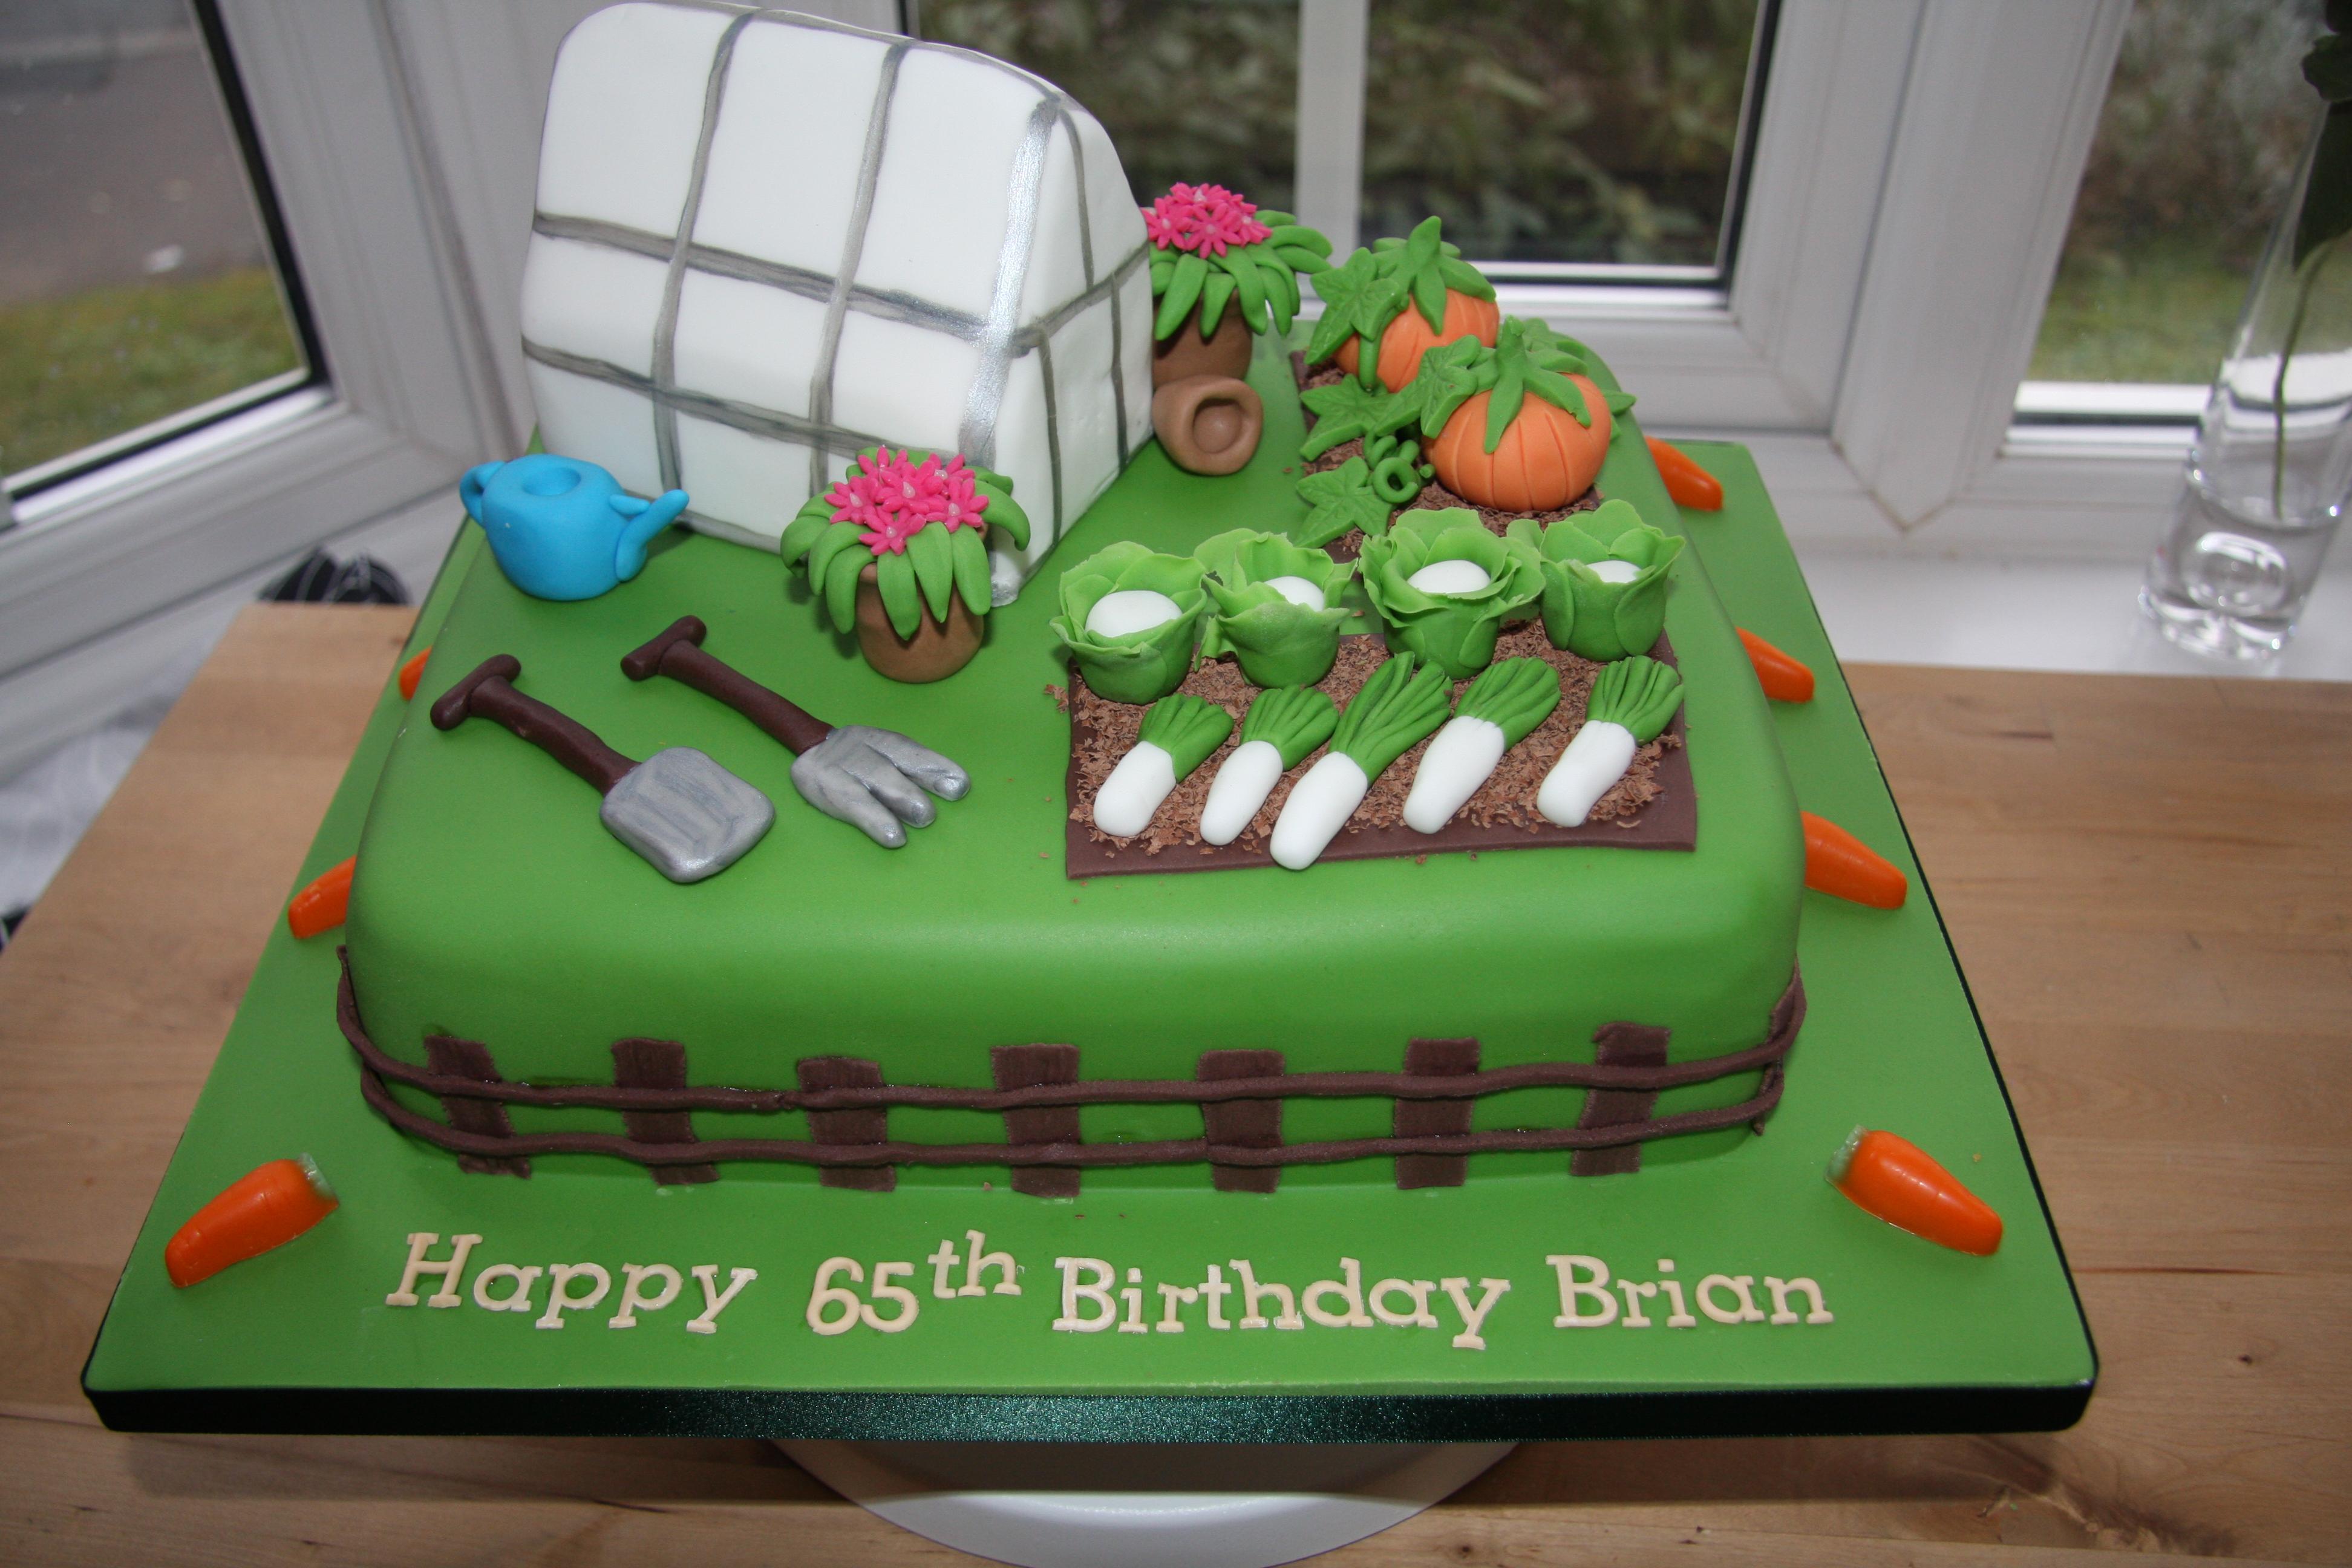 Cake for the keen gardener